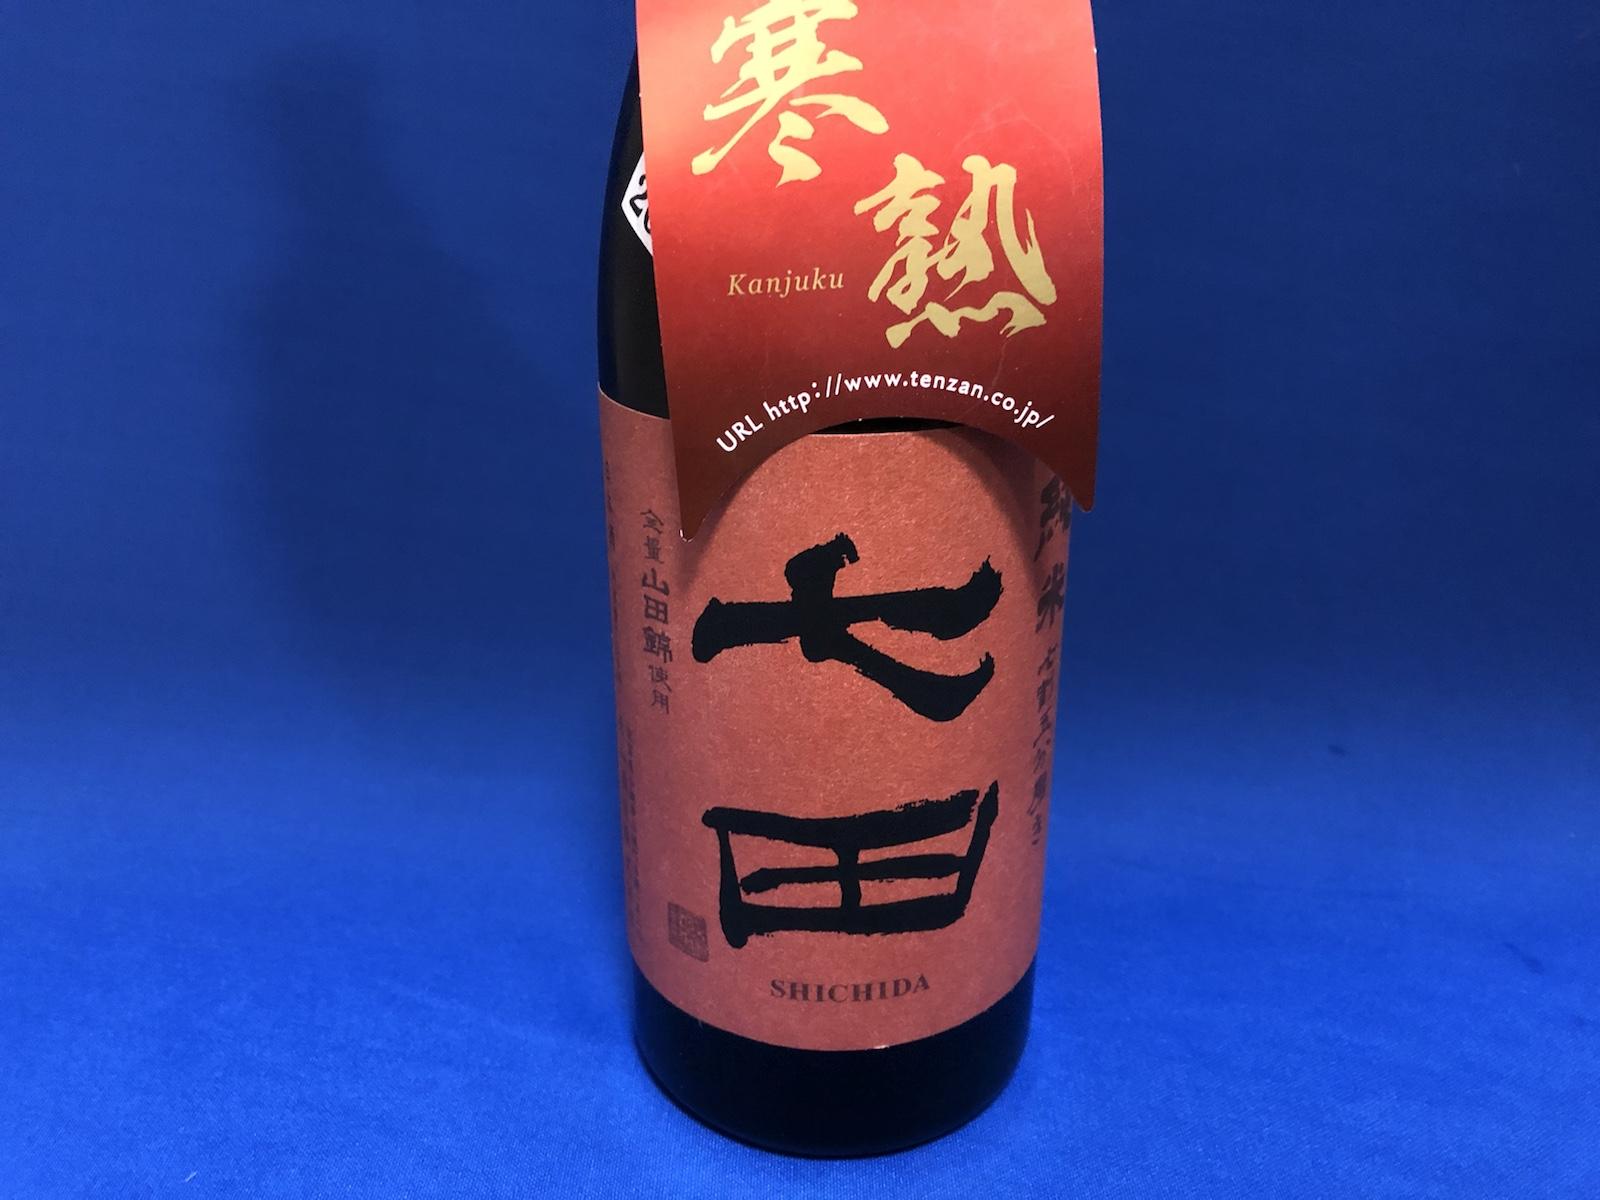 寒熟「七田」純米生無ろ過!フレッシュで力強い限定酒